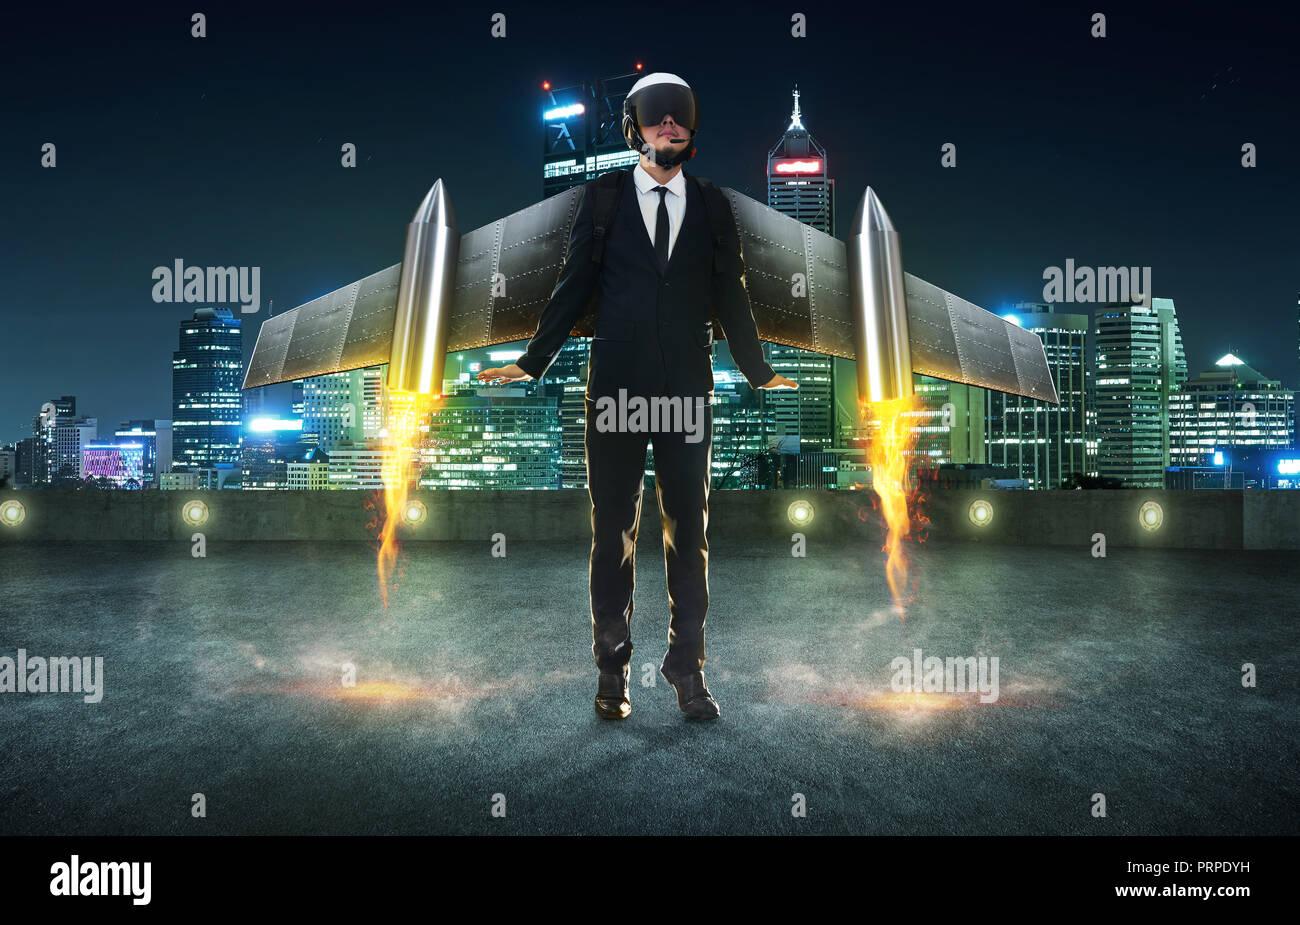 Unternehmer tragen eine Rakete zu heben, Existenzgründung erfolg konzept. Moderne Stadt Hintergrund. Stockbild